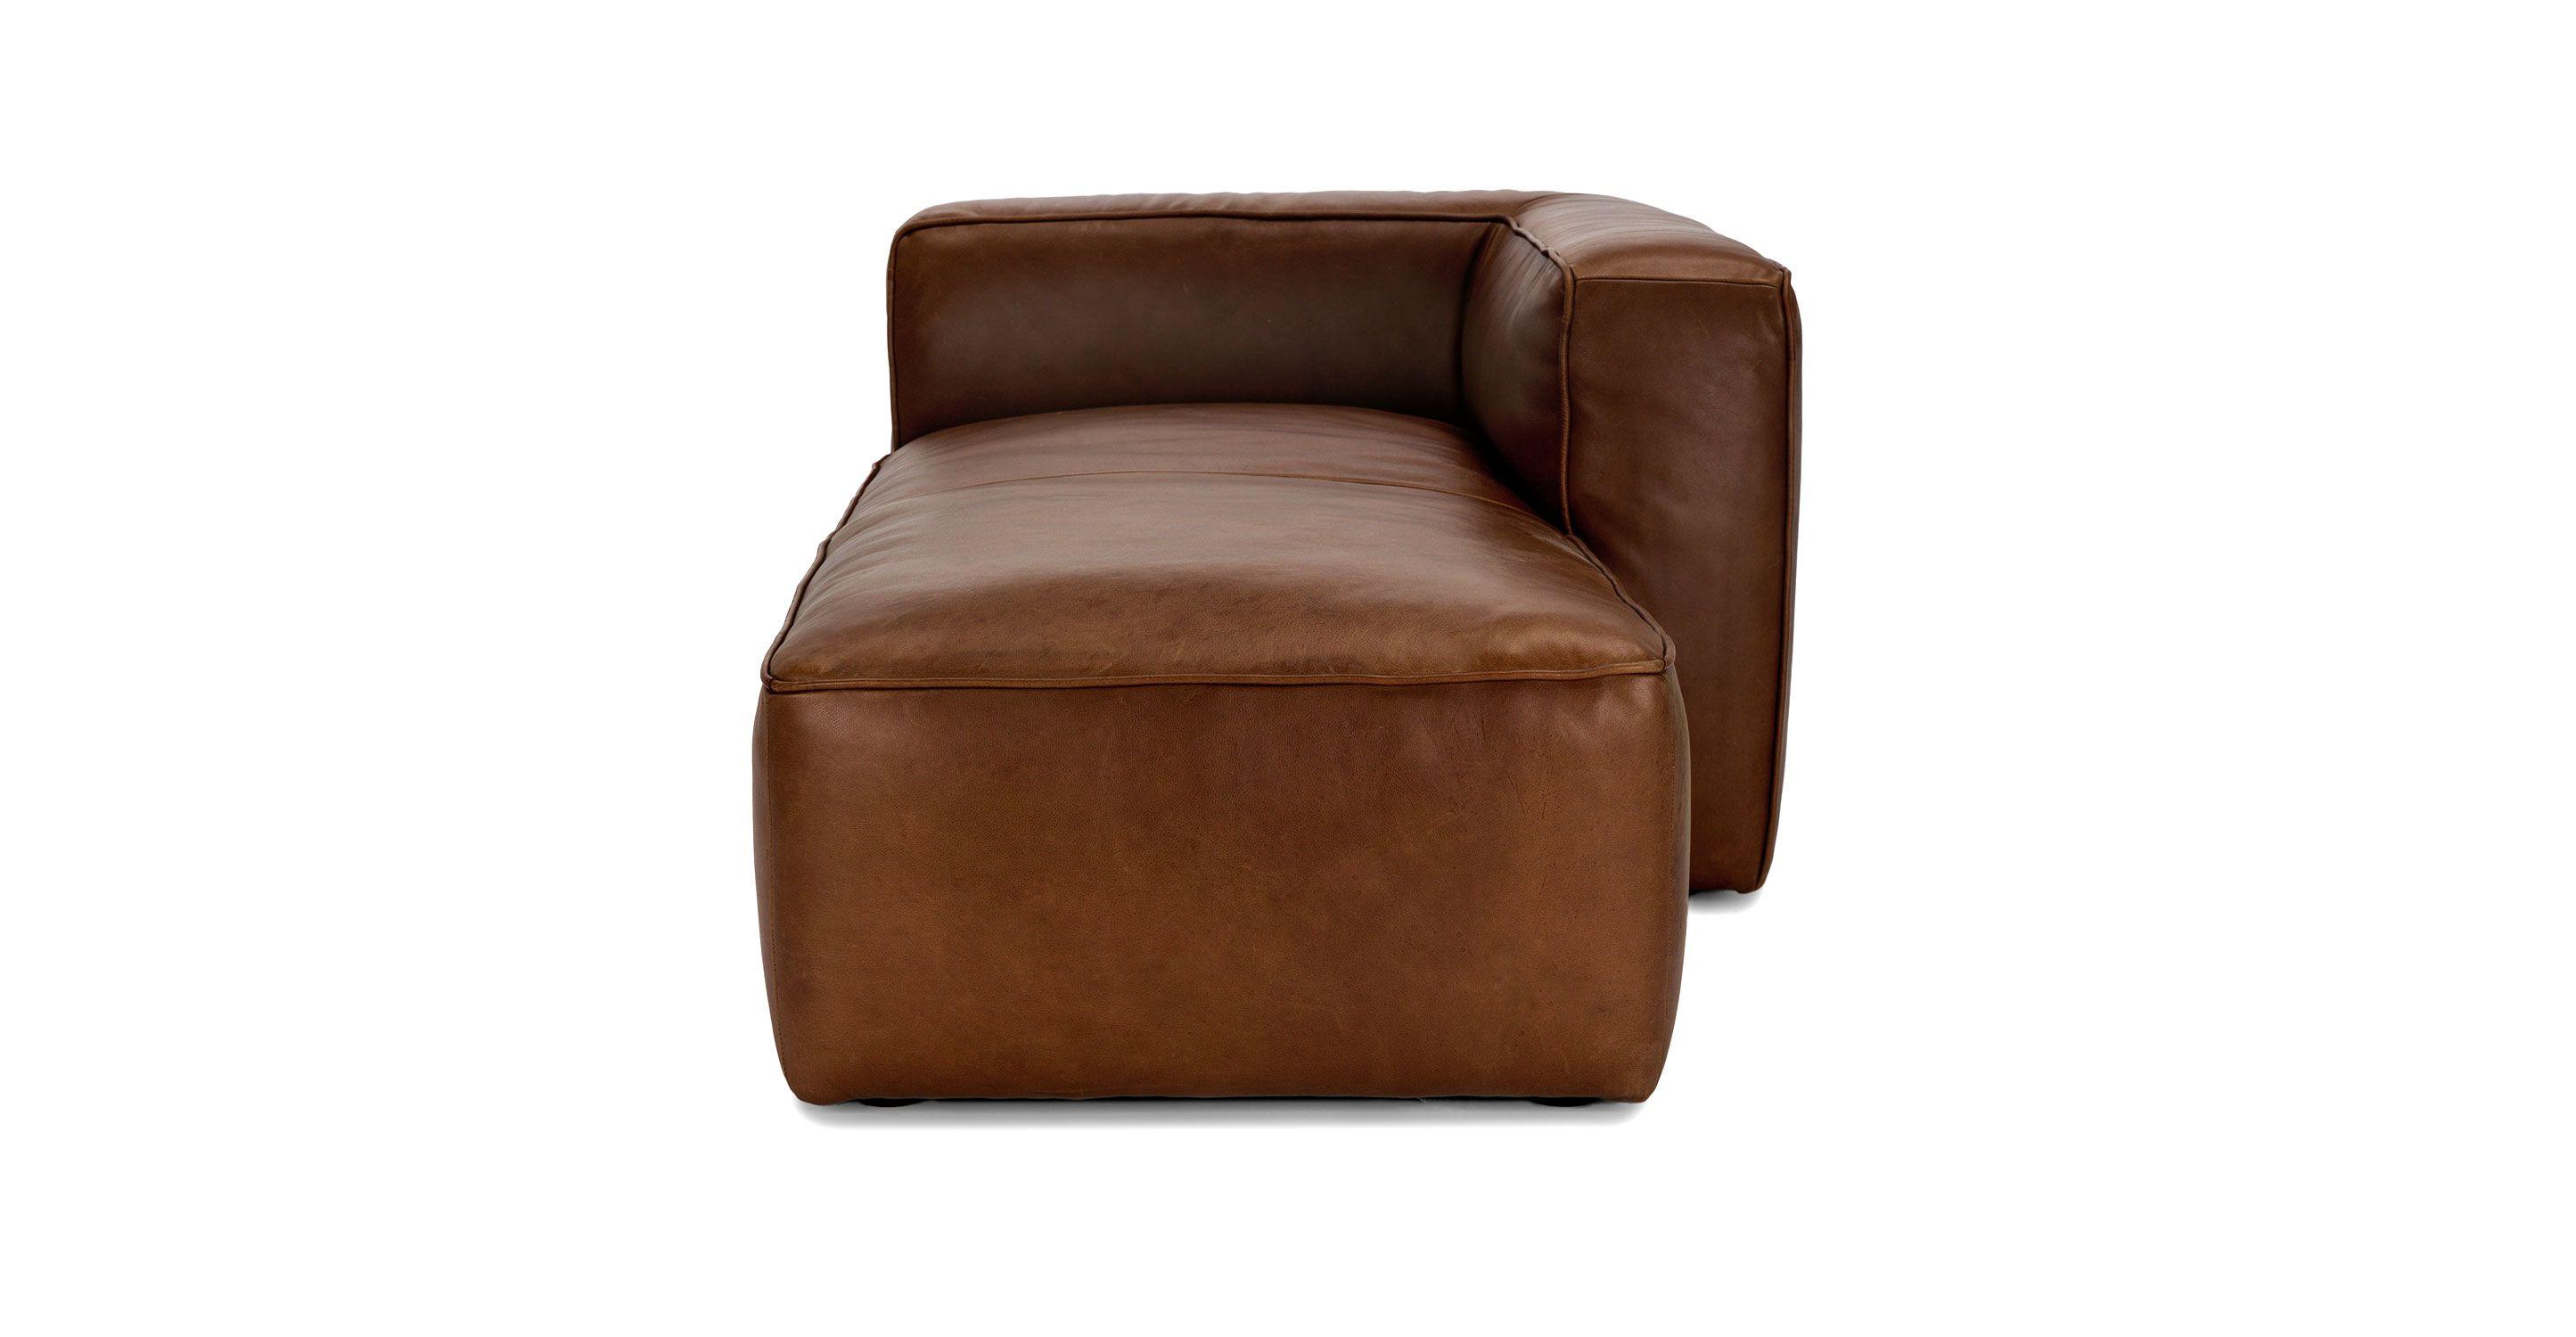 Mello Taos Brown Right Arm Sofa nest Pinterest